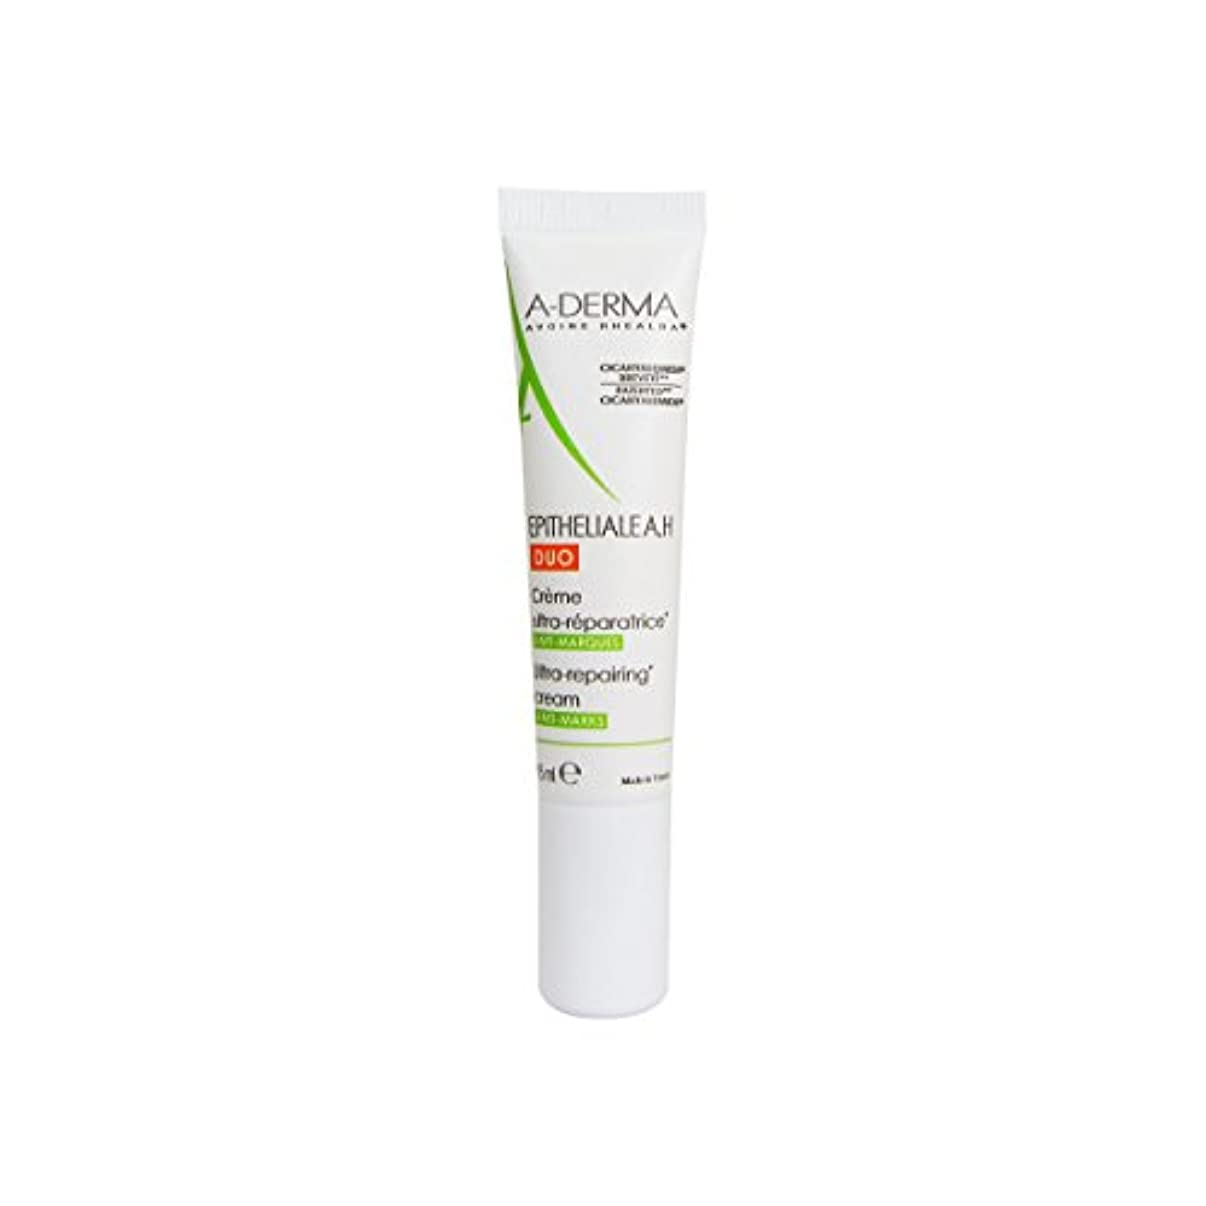 落ち着かない霊スカープA-derma Epitheliale Ah Duo Repair Cream 15ml [並行輸入品]